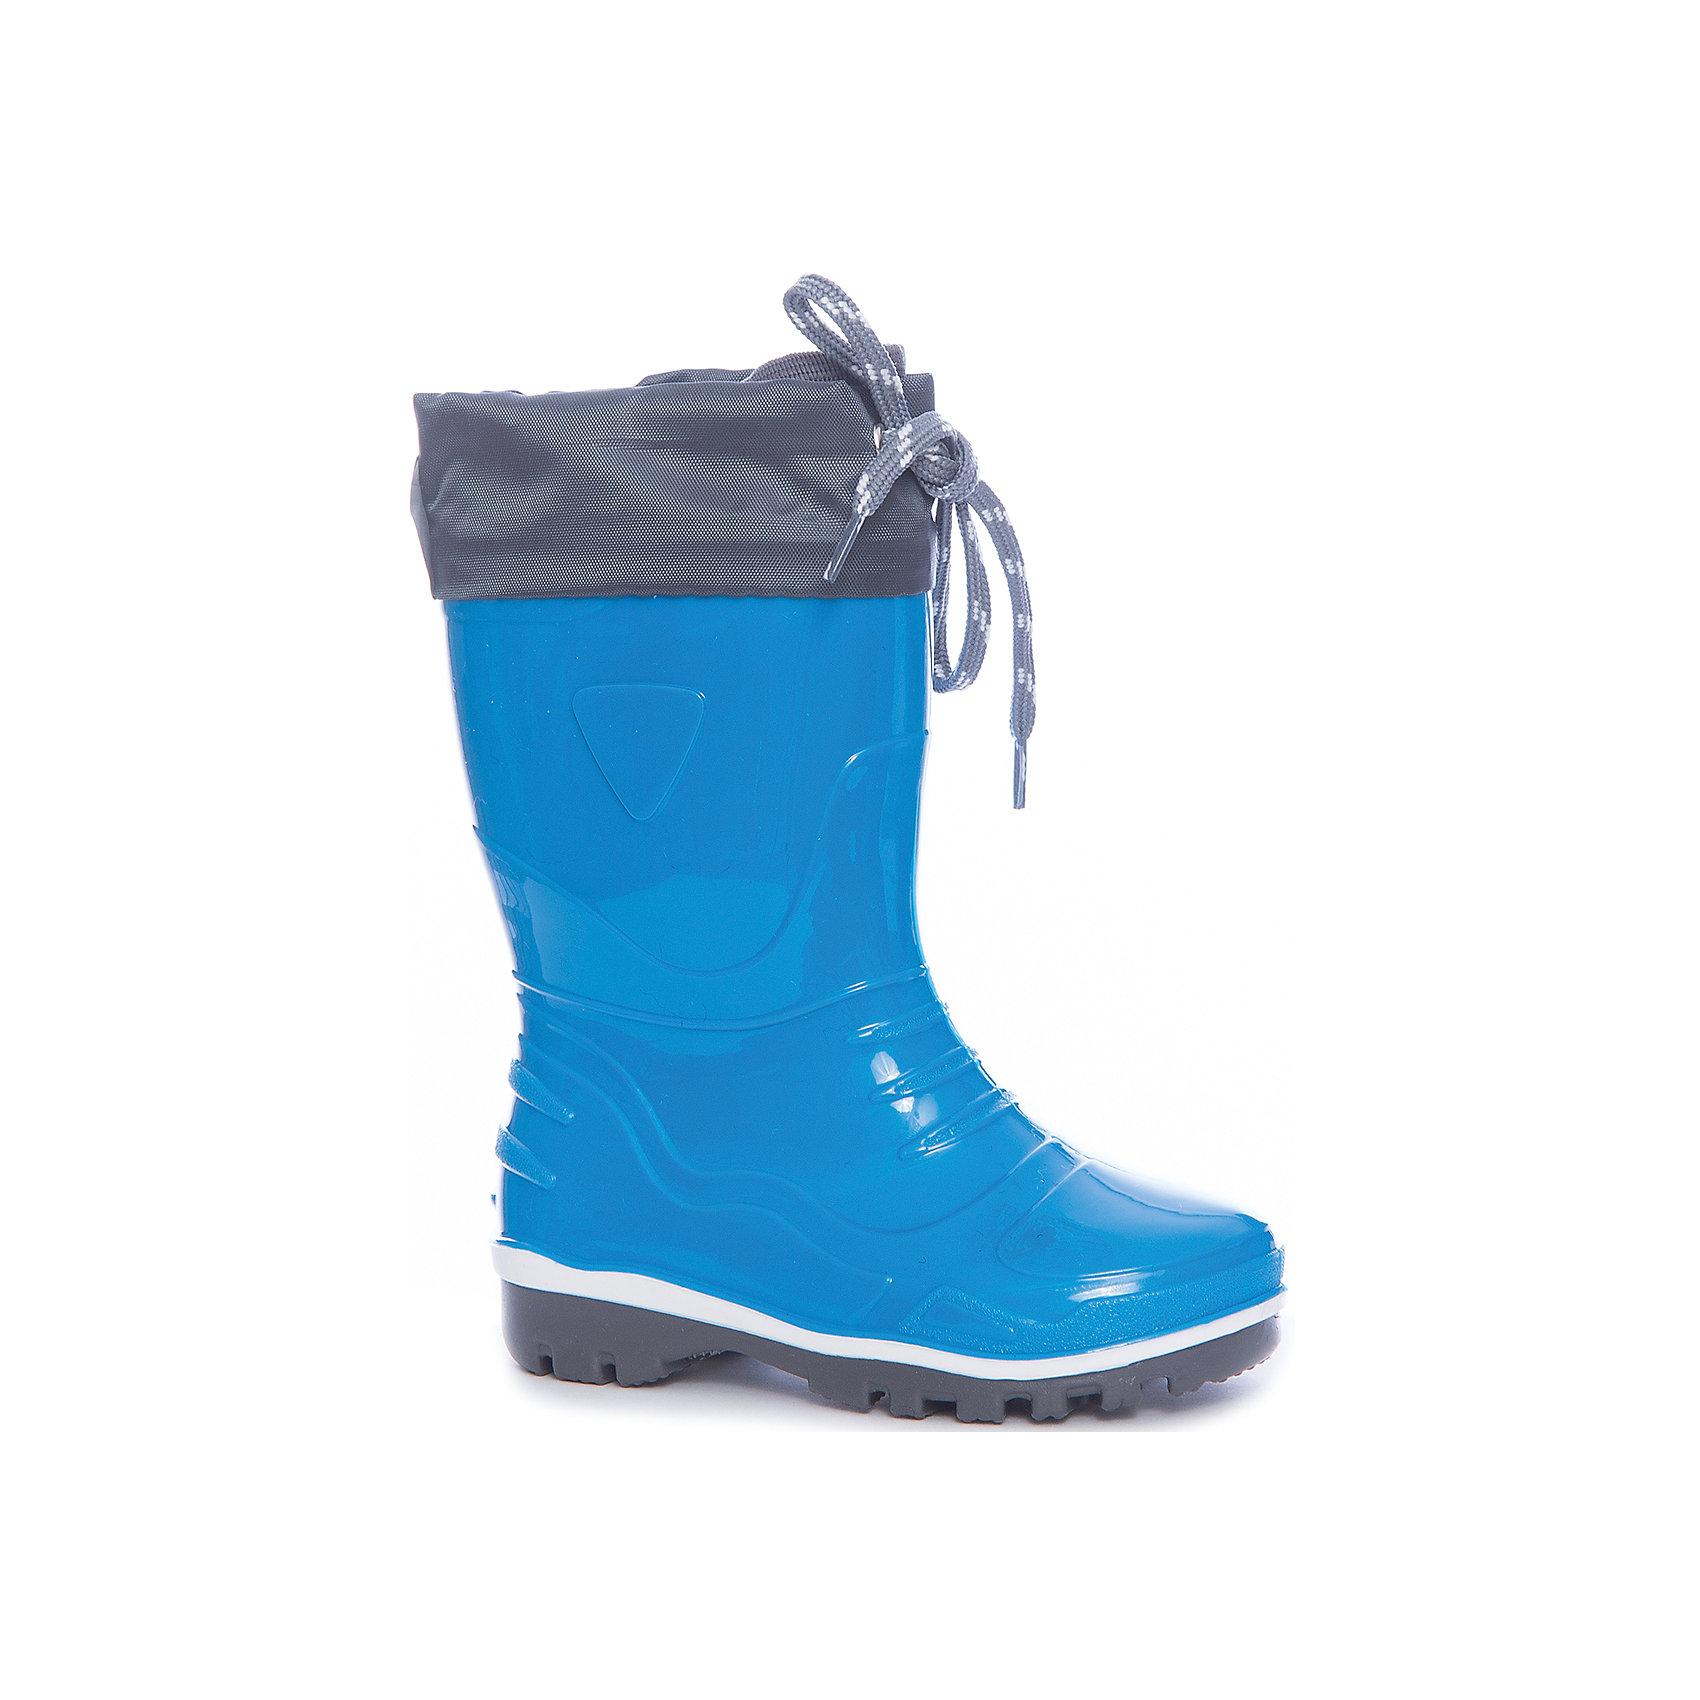 Резиновые сапоги для мальчика NordmanРезиновые сапоги<br>Характеристики товара:<br><br>• цвет: синий<br>• материал верха: ПВХ<br>• подклад: текстиль<br>• стелька: текстиль<br>• подошва: ПВХ<br>• сезон: лето, демисезон<br>• температурный режим: от +5 до +25<br>• сапожок не съемный<br>• непромокаемые<br>• подошва не скользит<br>• анатомические <br>• страна бренда: Россия<br>• страна изготовитель: Россия<br><br>Резиновые сапоги для мальчика Nordman позволяют сохранить ноги в тепле и одновременно не дают им промокнуть. Такая обувь отлично подходит и для теплого лета и для слякоти в межсезонье. <br><br>Высокое голенище предотвращает попадание влаги или грязи в сапог. Толстая устойчивая подошва позволяет ребенку увереннее держать равновесие.<br><br>Резиновые сапоги для мальчика Nordman (Нордман) можно купить в нашем интернет-магазине.<br><br>Ширина мм: 237<br>Глубина мм: 180<br>Высота мм: 152<br>Вес г: 438<br>Цвет: синий<br>Возраст от месяцев: 24<br>Возраст до месяцев: 36<br>Пол: Мужской<br>Возраст: Детский<br>Размер: 26,22,25,24,23<br>SKU: 6867503